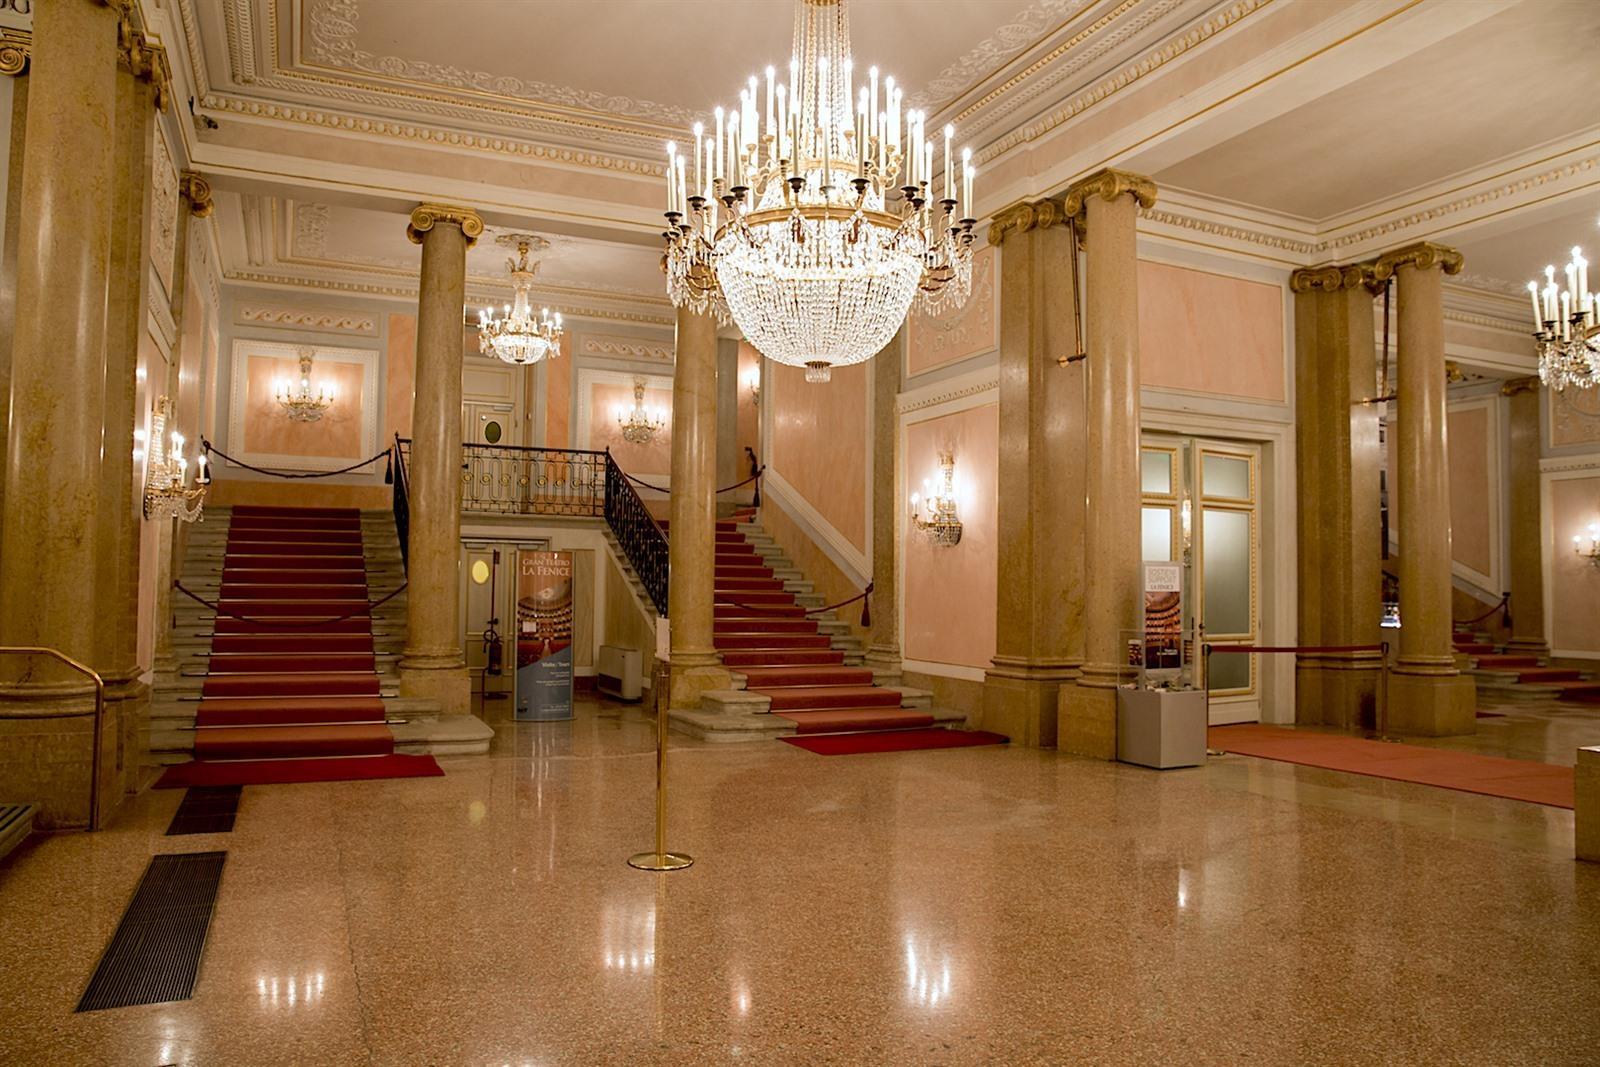 Teatro la fenice in venetië bezoeken: info tips & wat te zien?